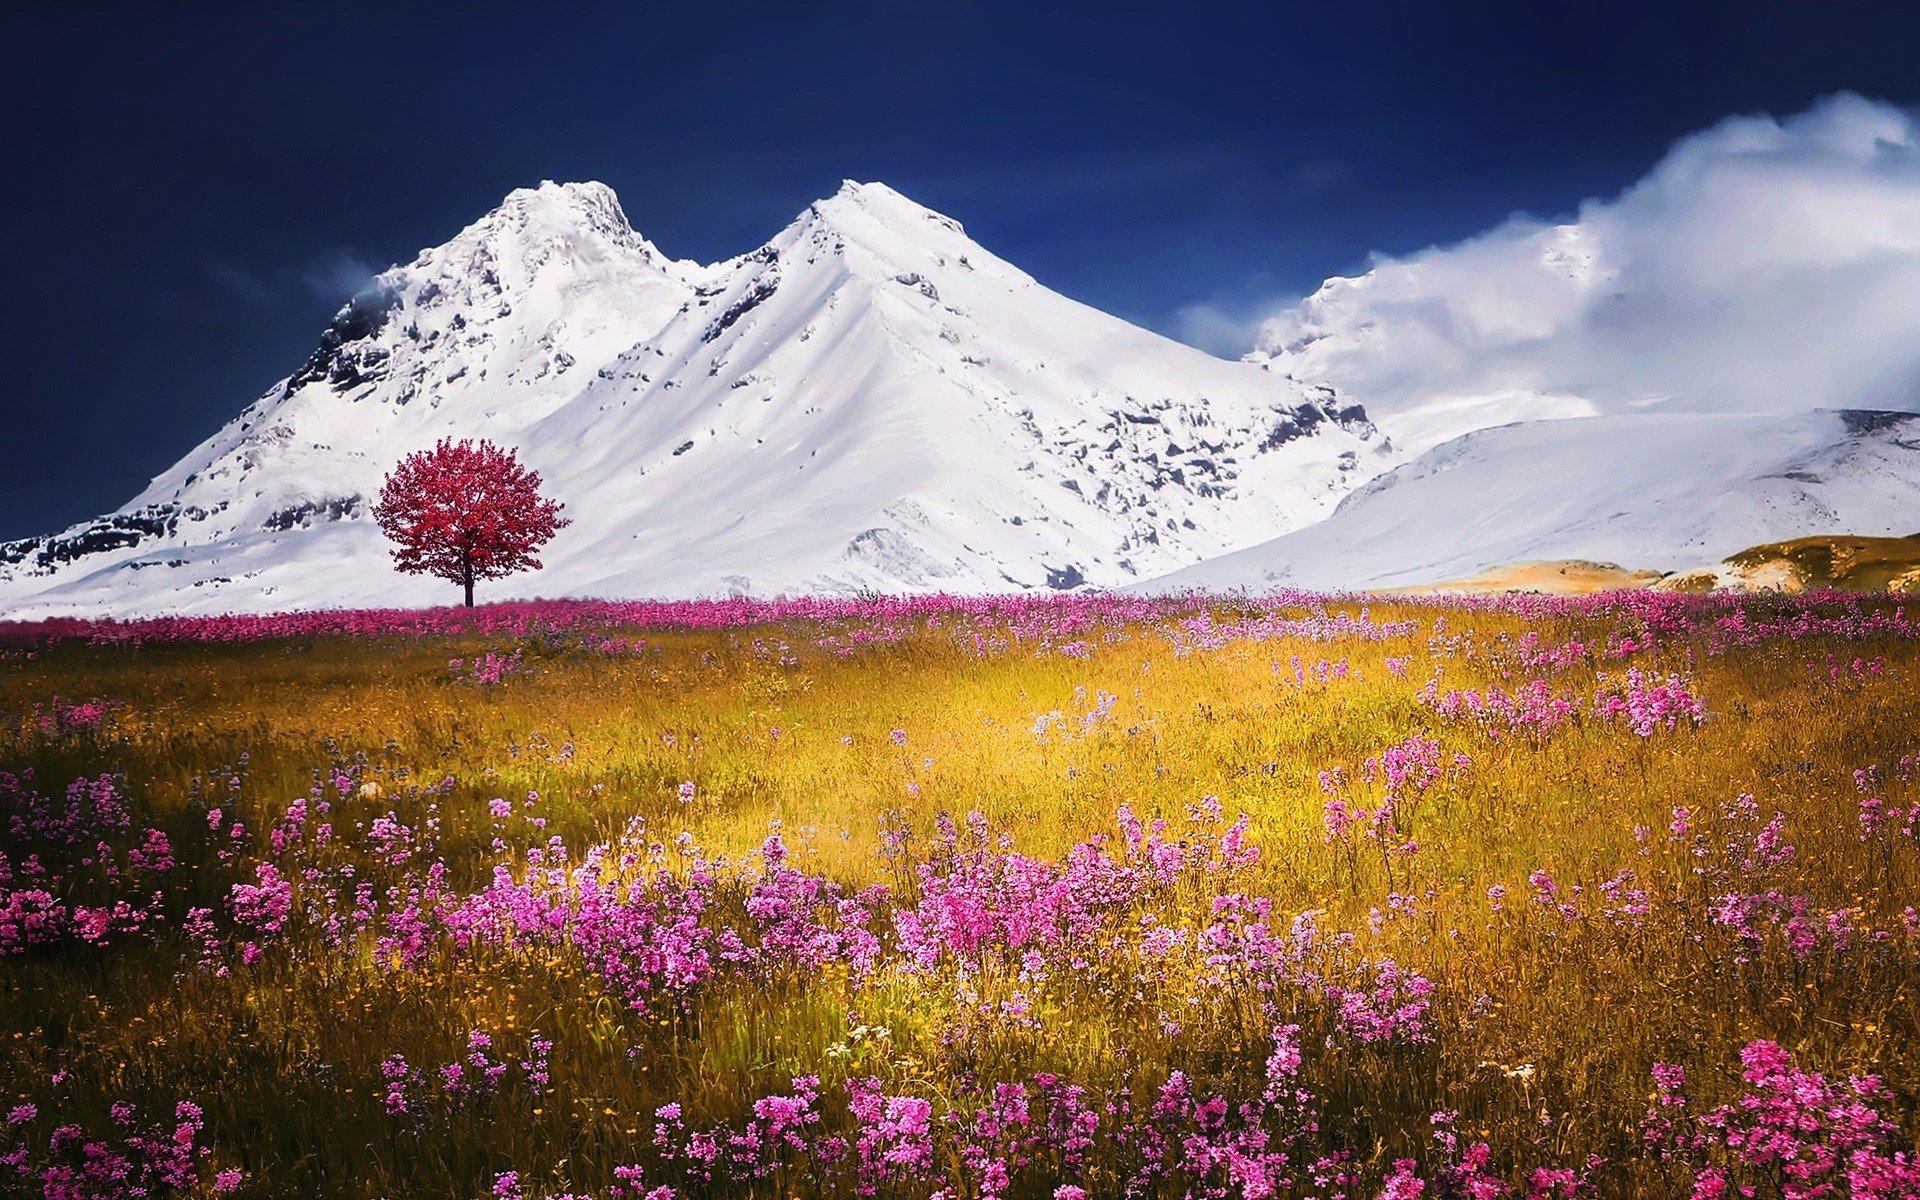 Fondo de pantalla de Otoño en el campo con montañas Imágenes